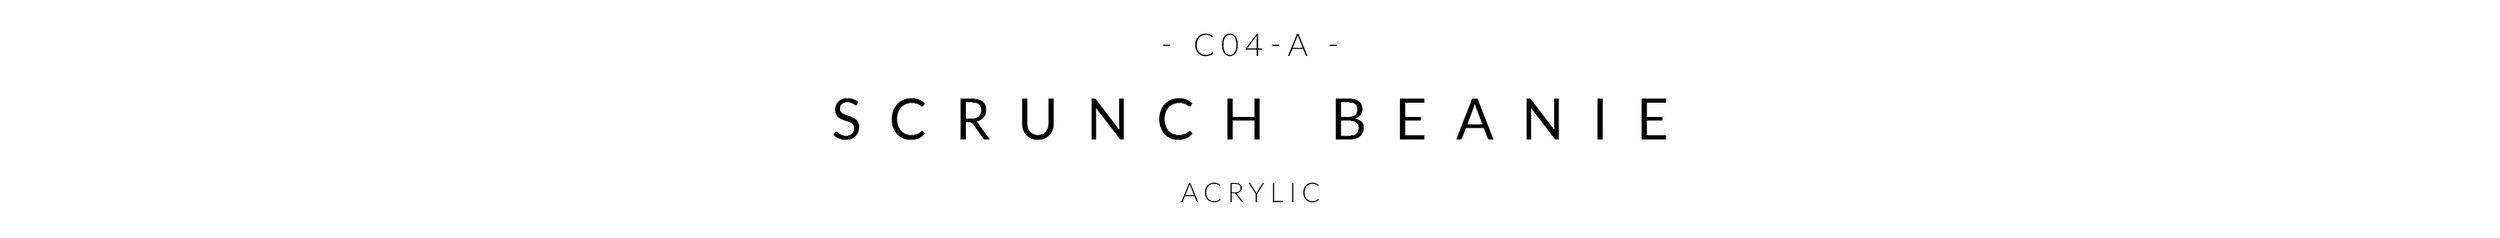 C04-A - HEADER.jpg